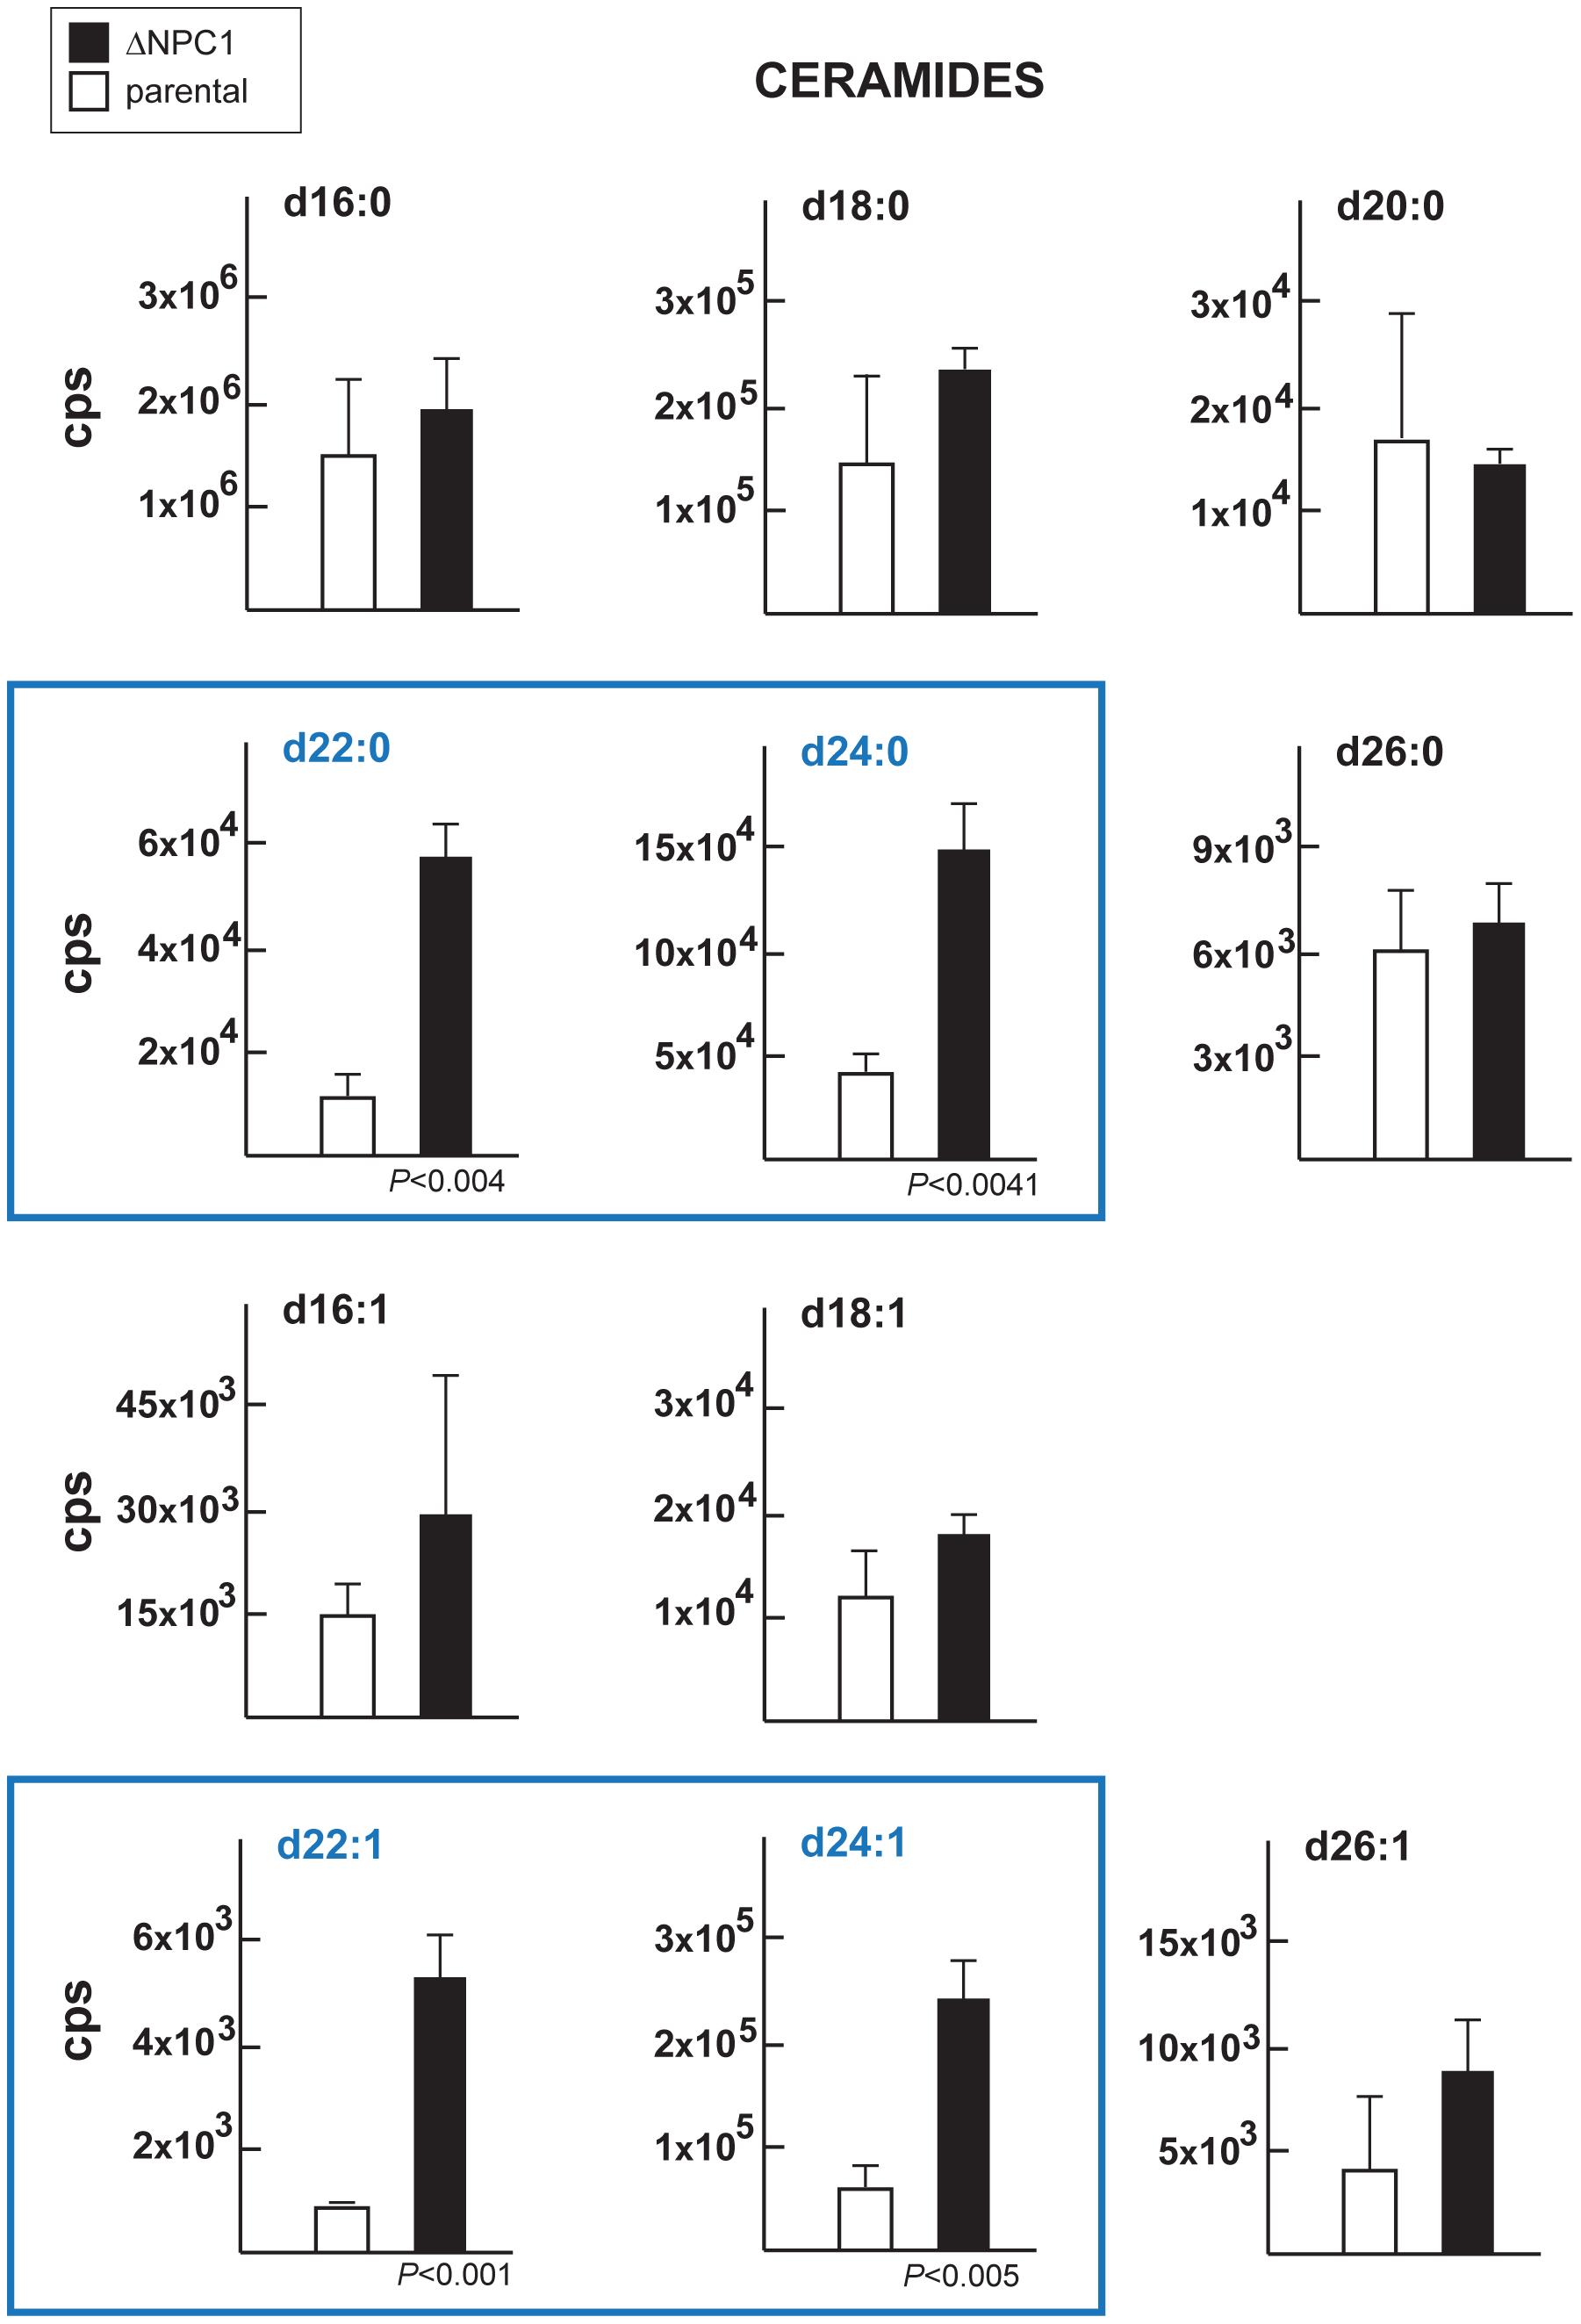 Content in ceramides in TgNCR1-deficient parasites.